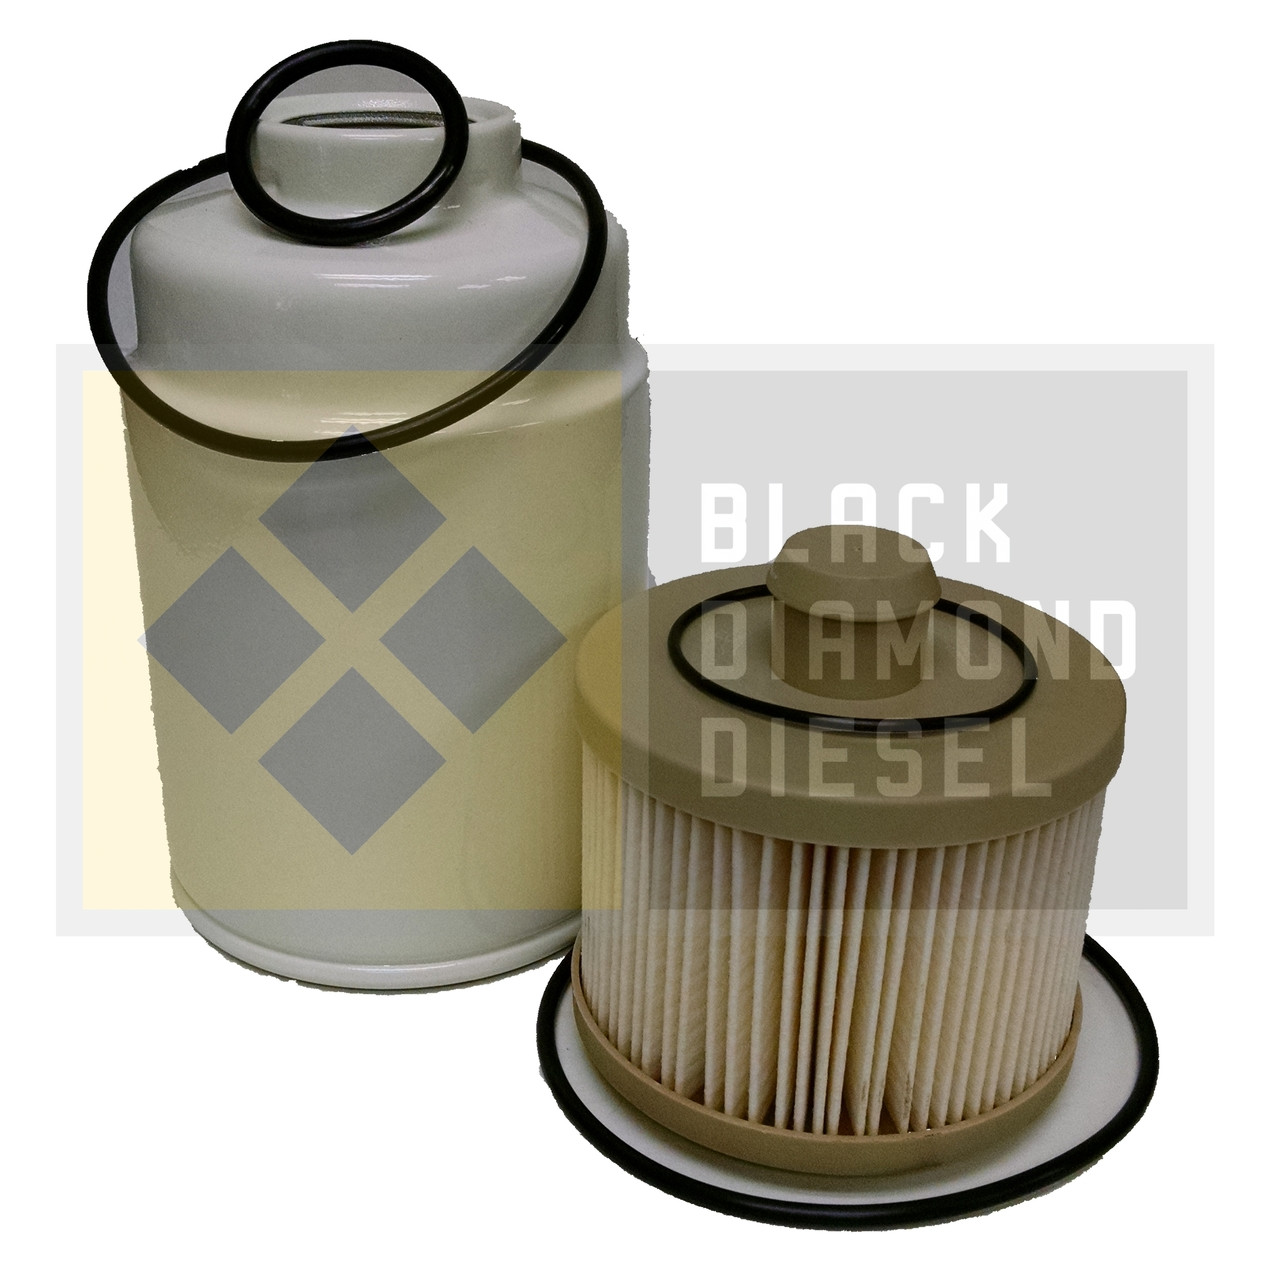 prime guard fuel filter fits 2006 2012 gm 6 6 duramax diesel van bdspdf75888 [ 1270 x 1280 Pixel ]